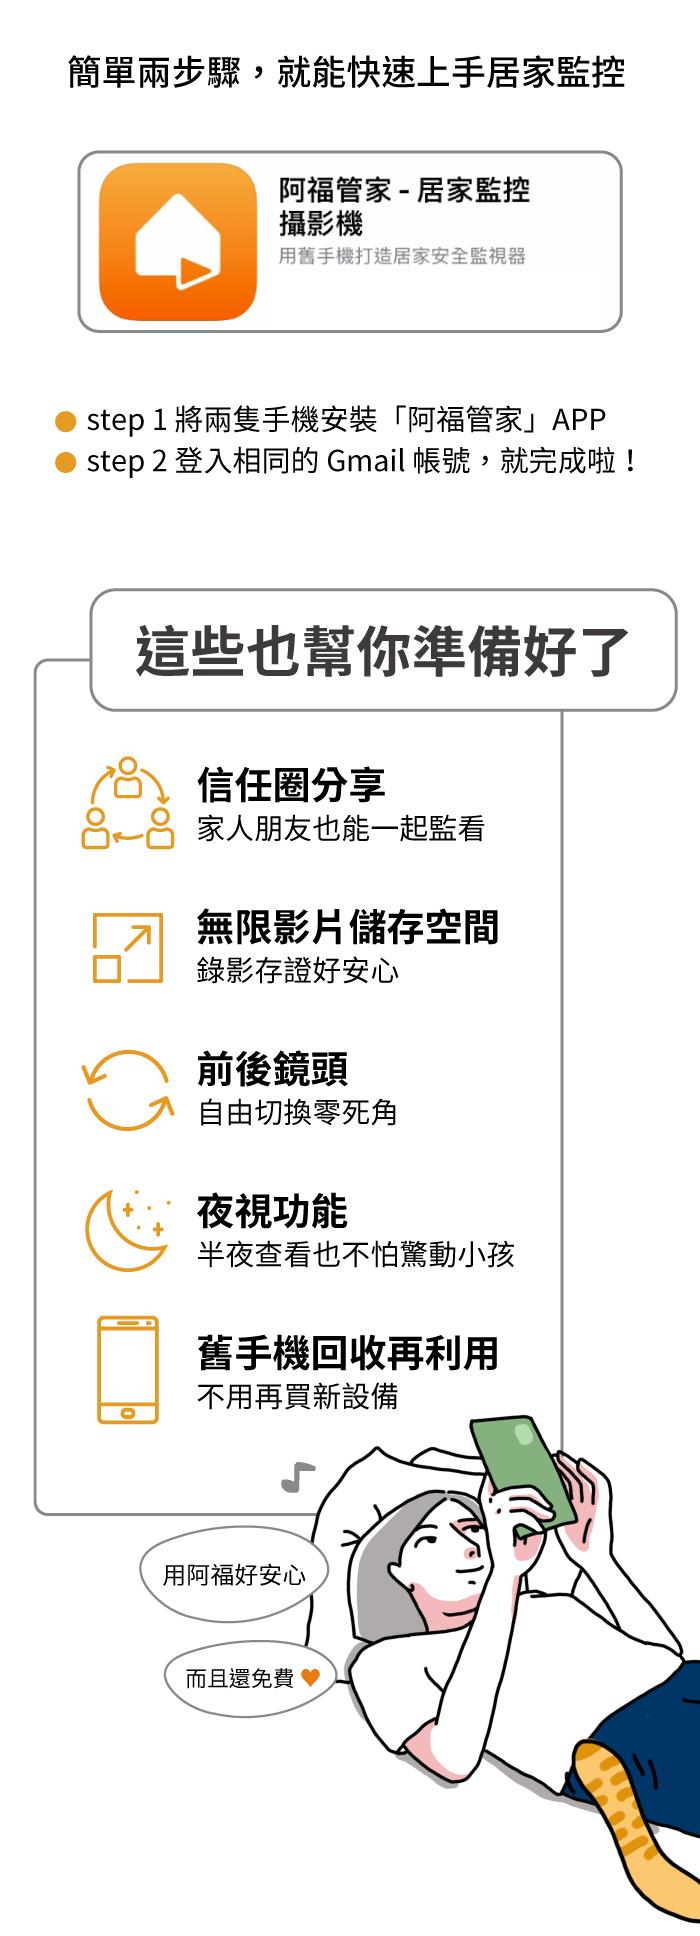 阿福管家 app 功能有信任圈分享、無限影片儲存空間、前後鏡頭、夜視功能、舊手機回收利用